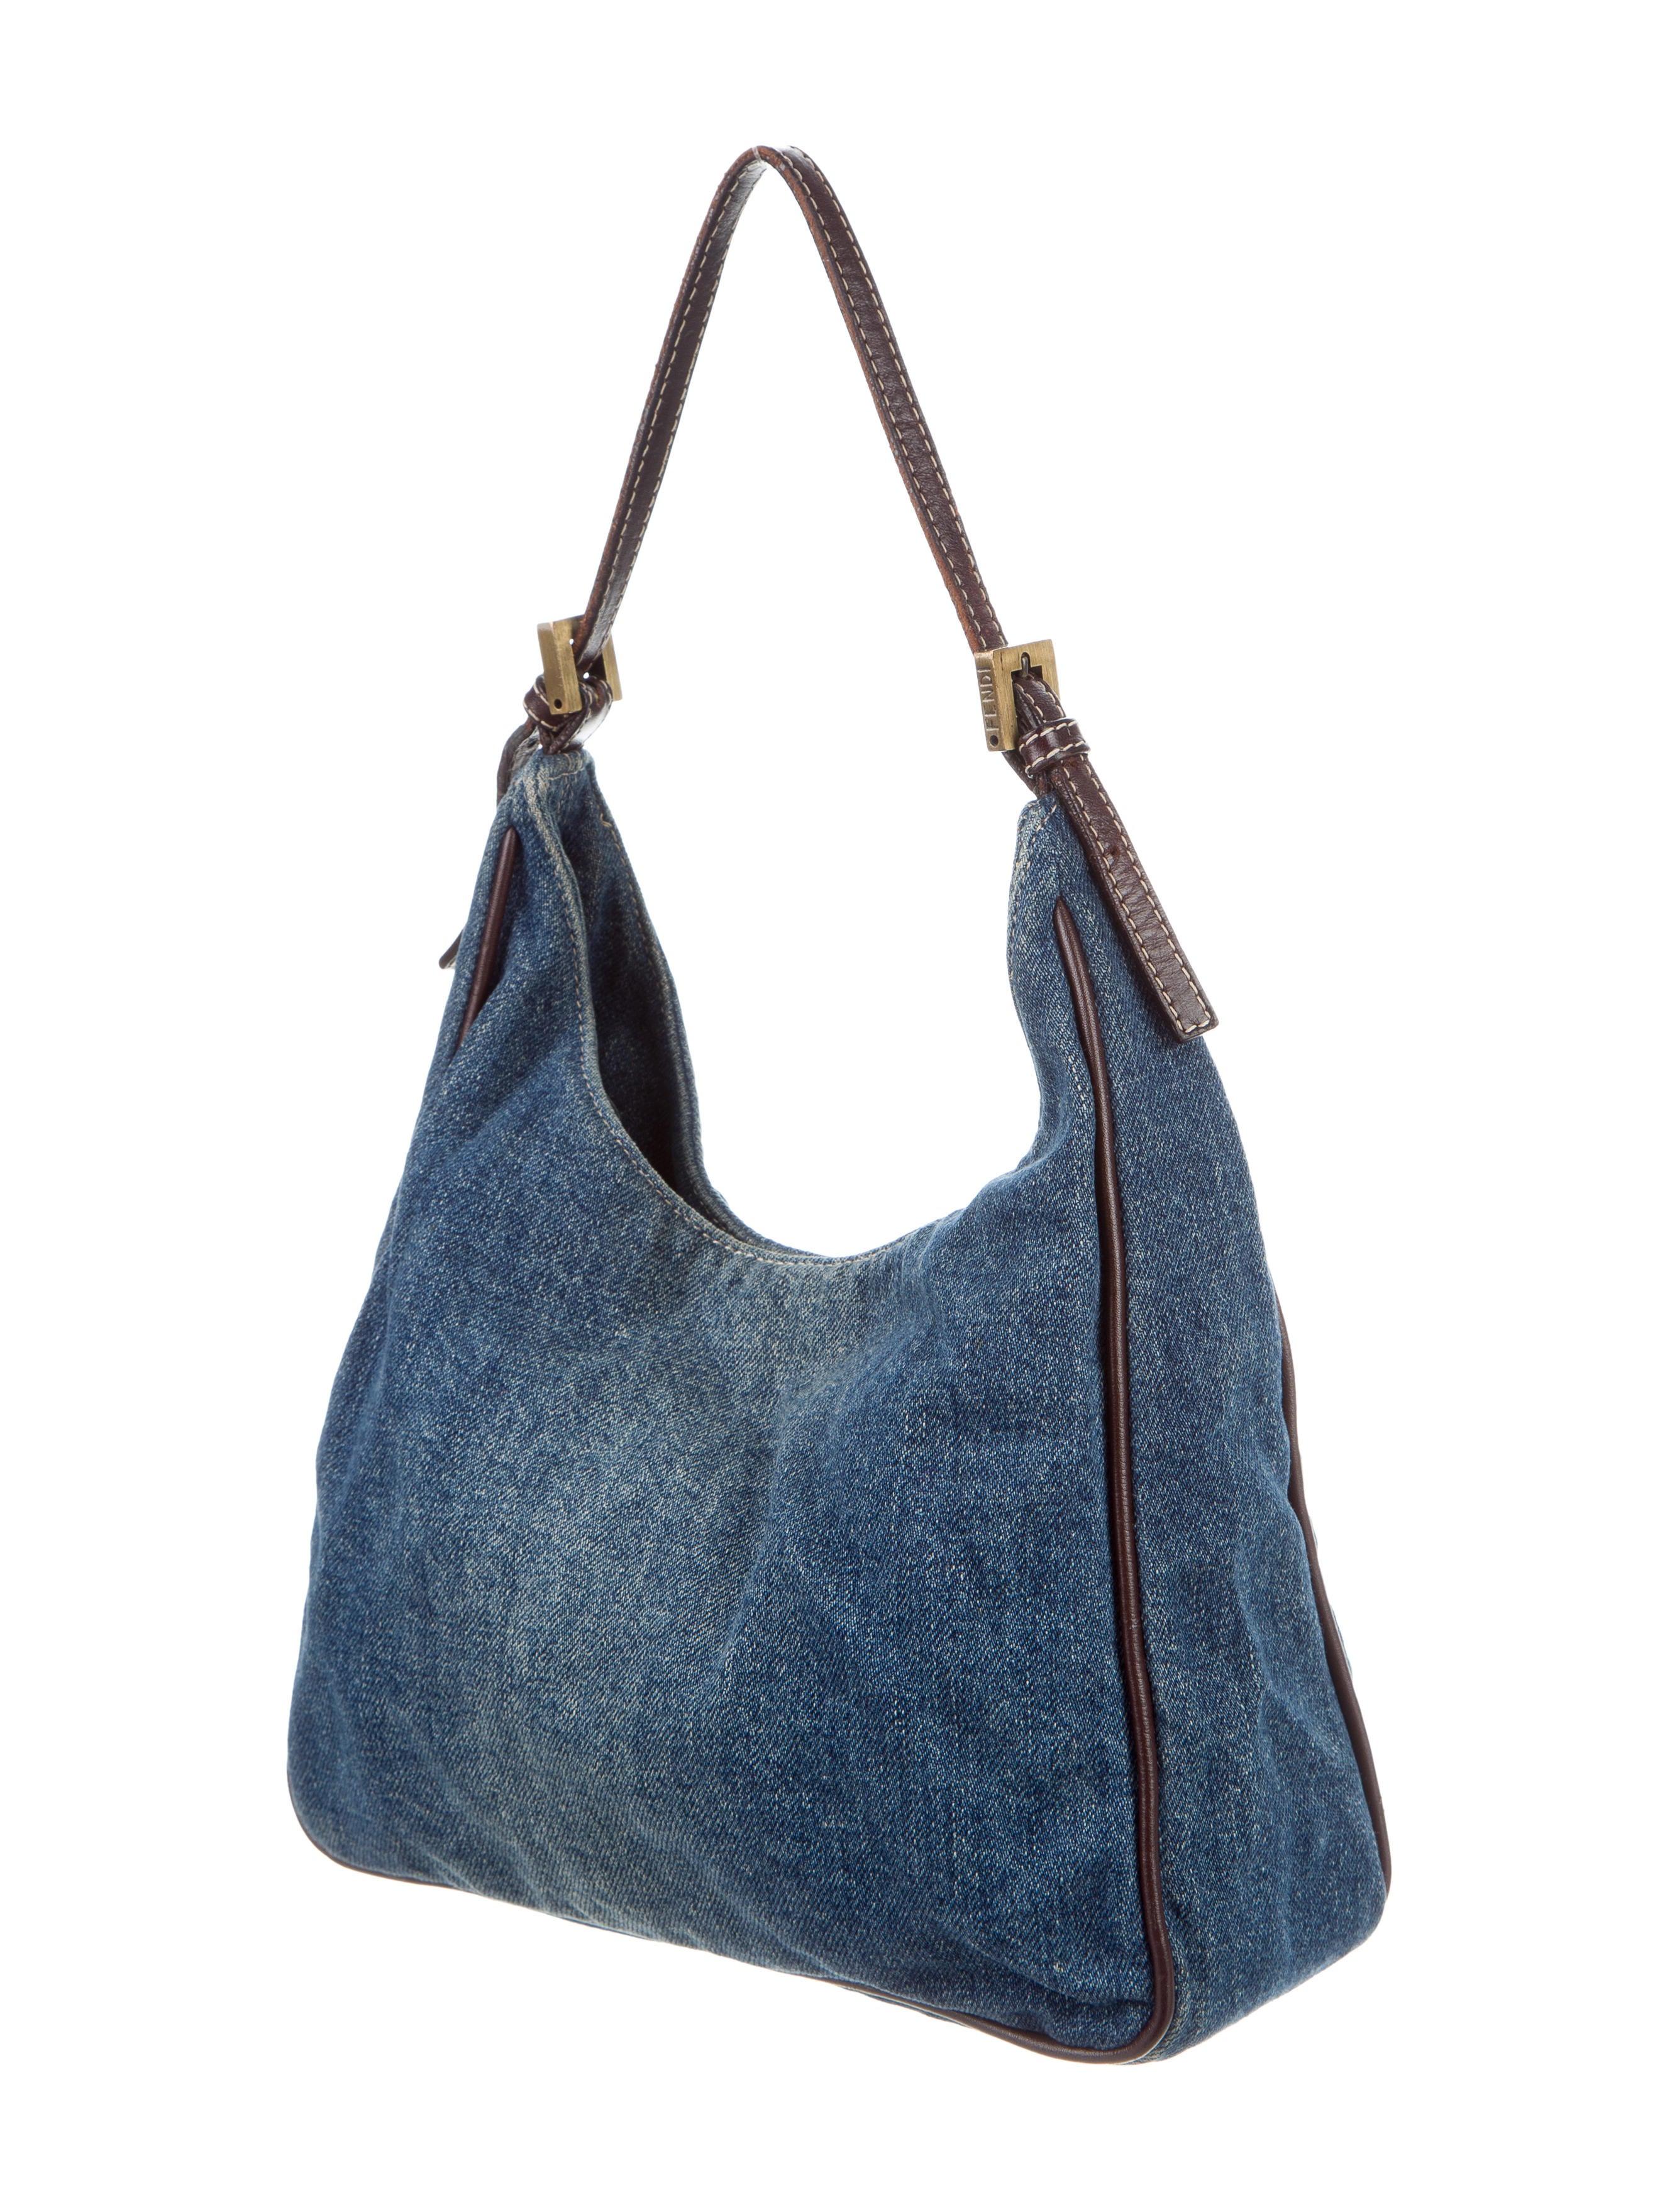 Fendi Leather Trimmed Denim Hobo Handbags Fen53433